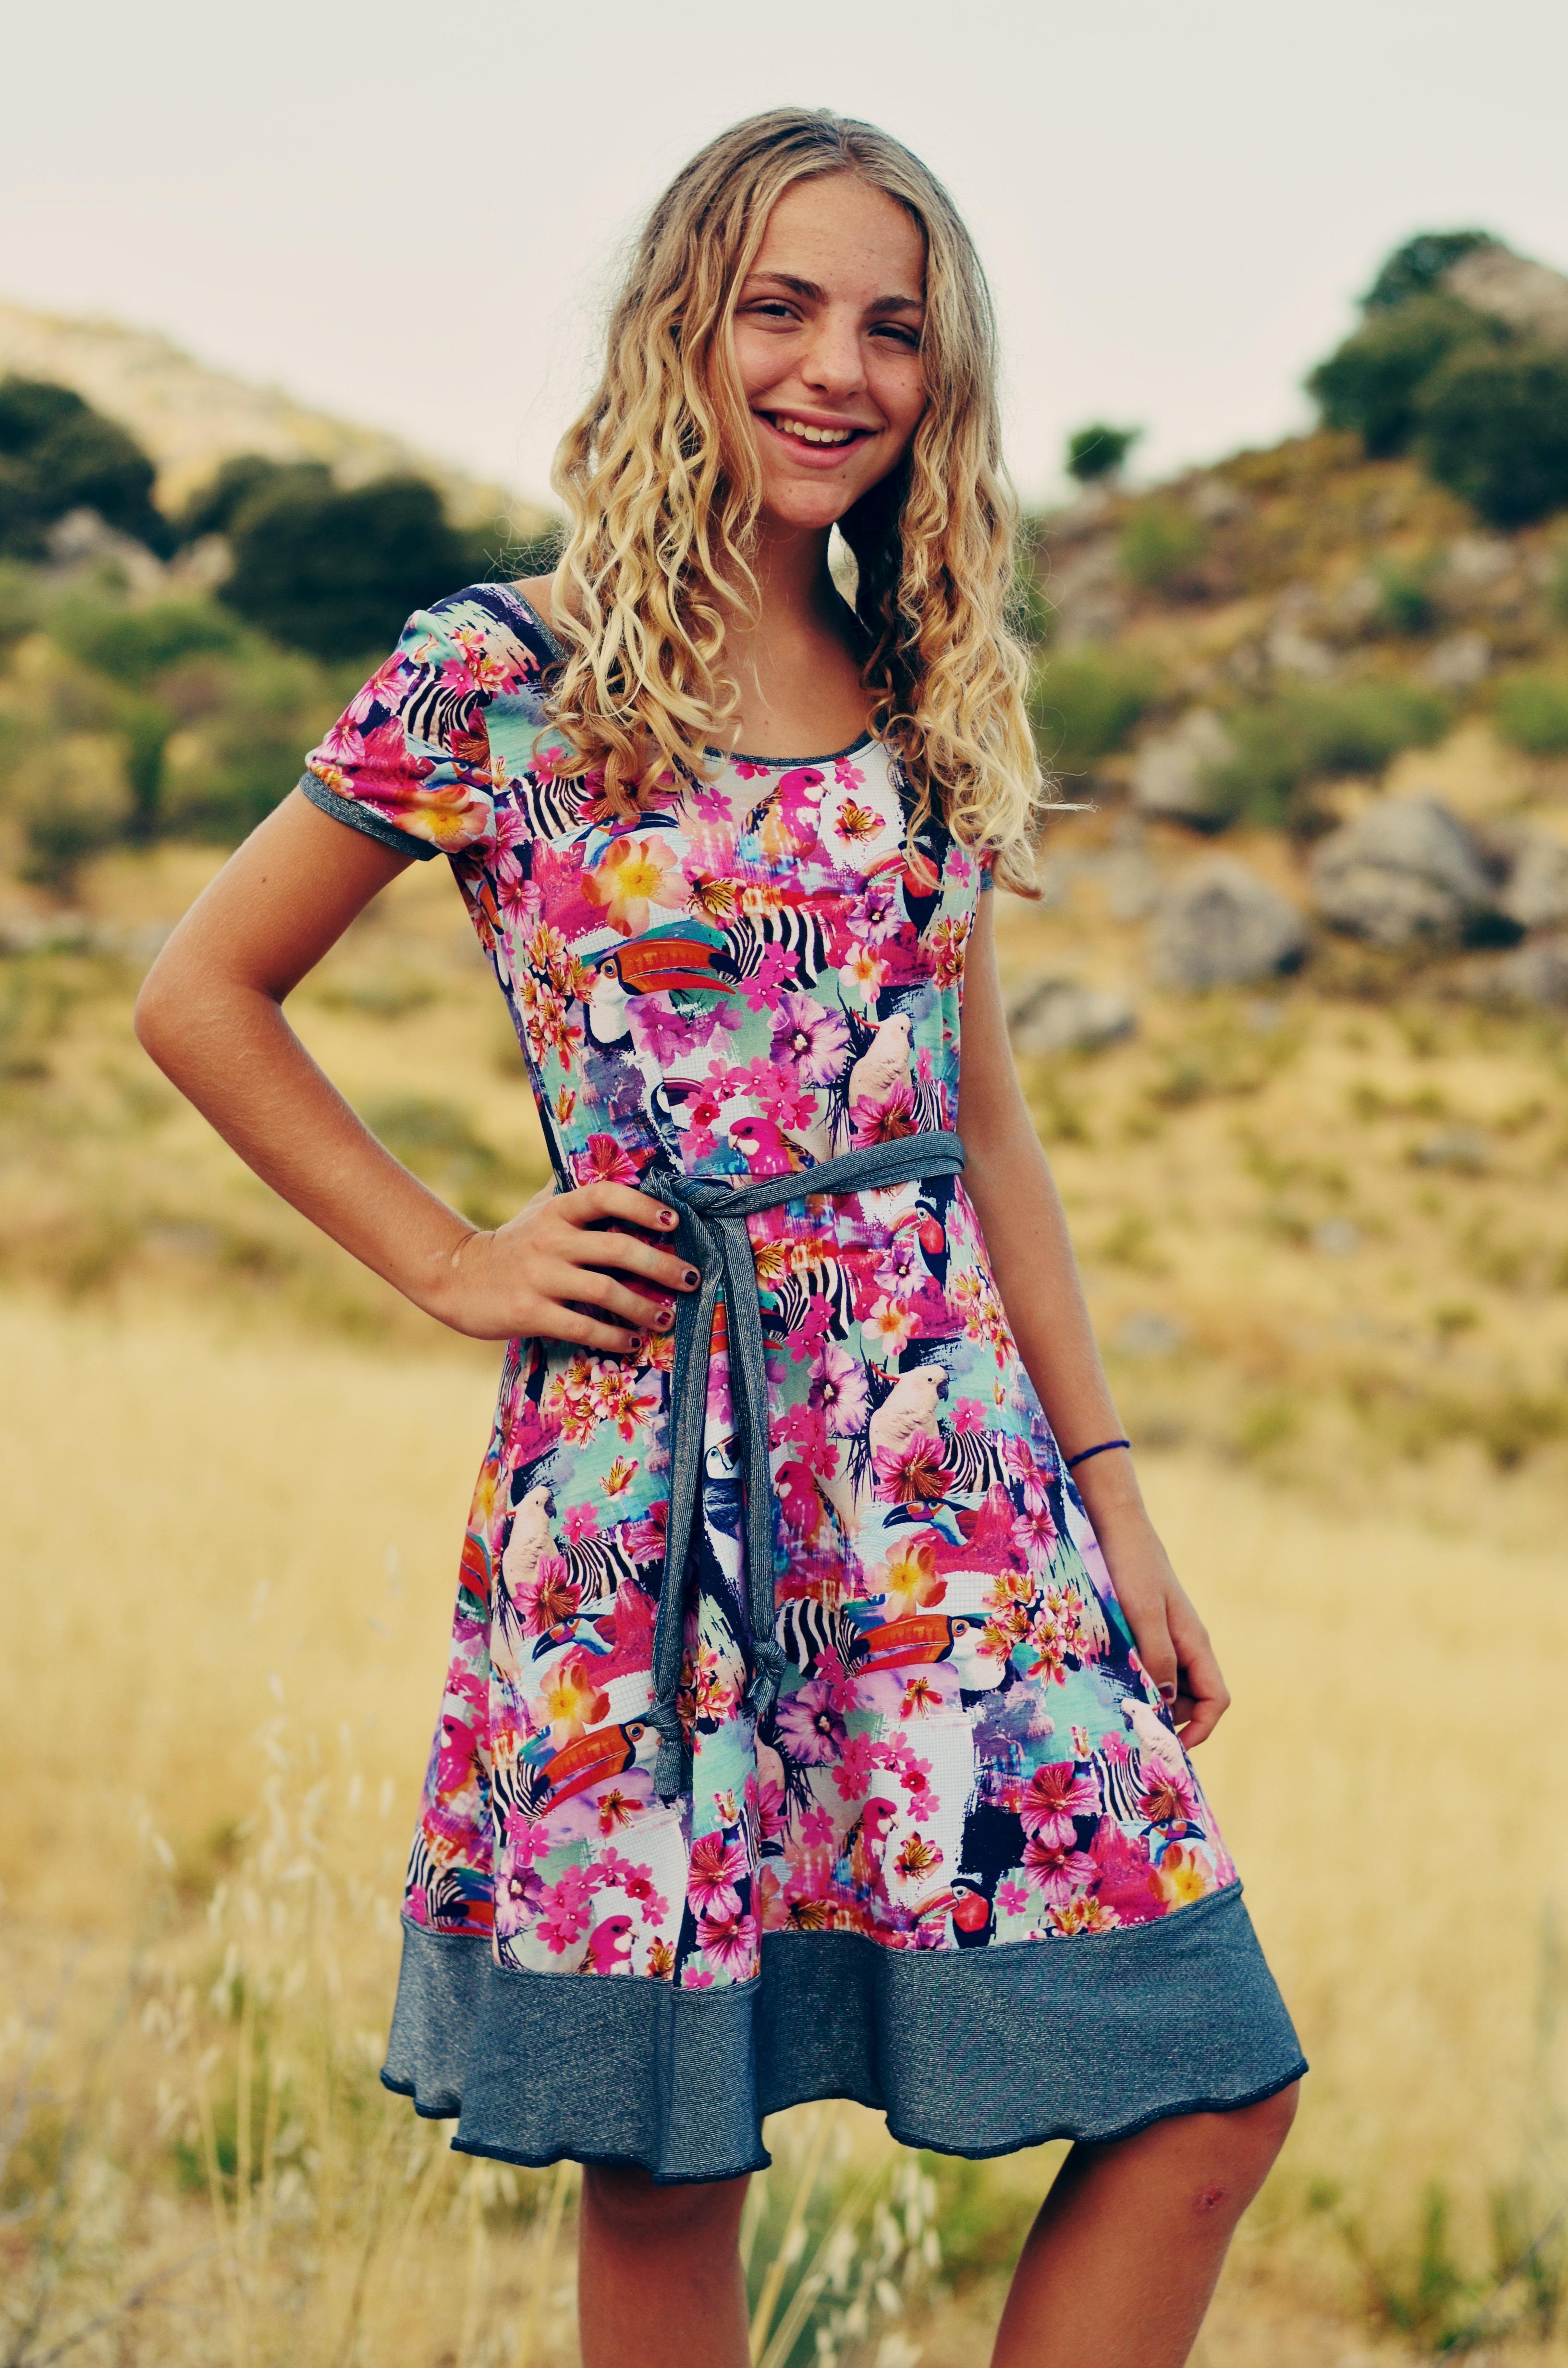 Nuria-Jerseykleid-farbenmix-bienvenido-colorido_Ebook-Kleid_Schnittmuster-Kleid-Teenager